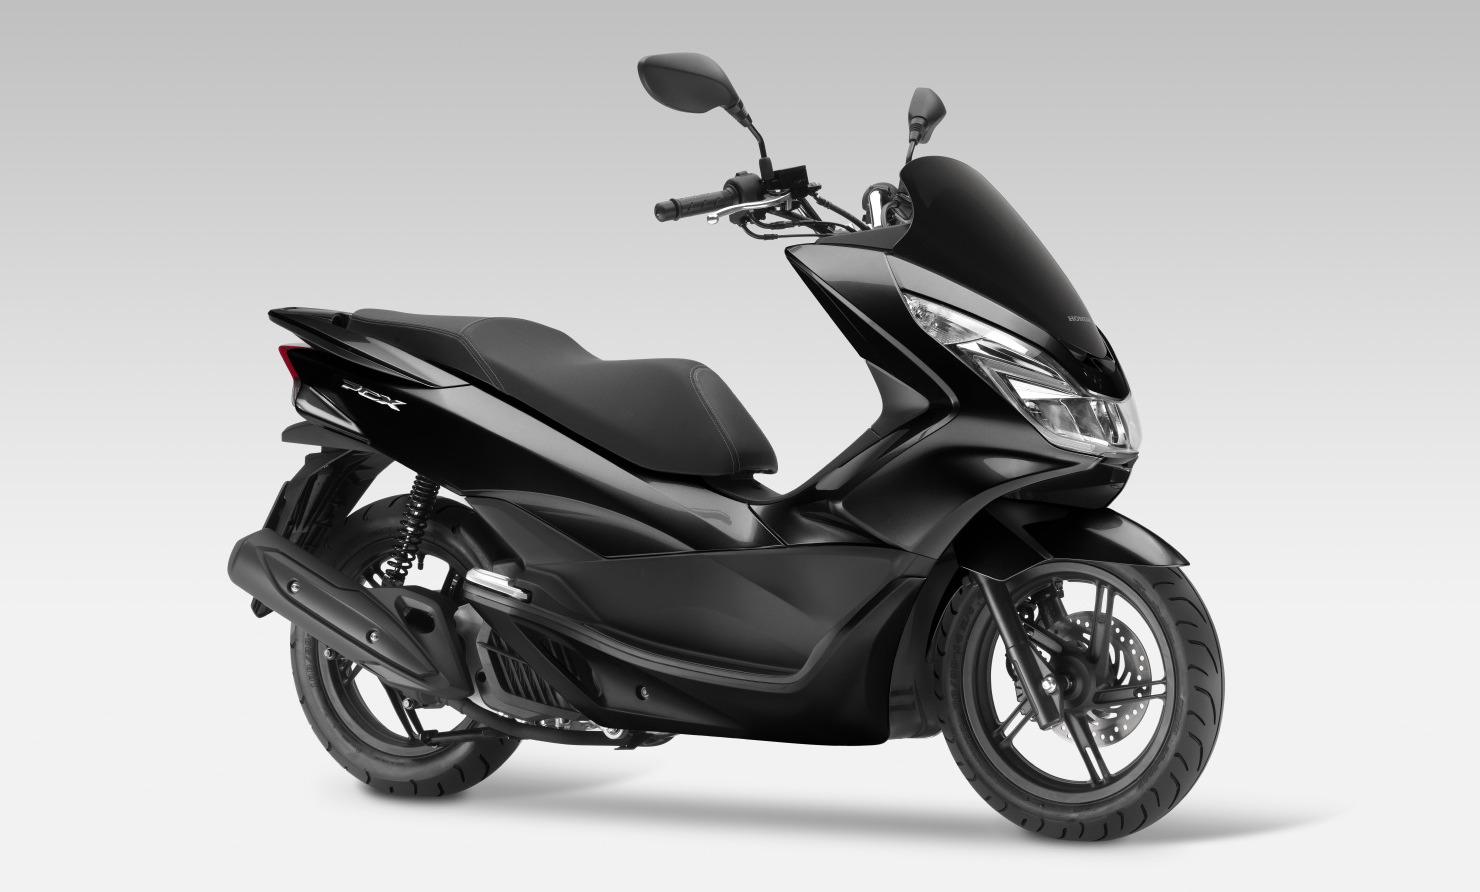 Las ventas de motocicletas crecieron un 24 por ciento el pasado mes de julio